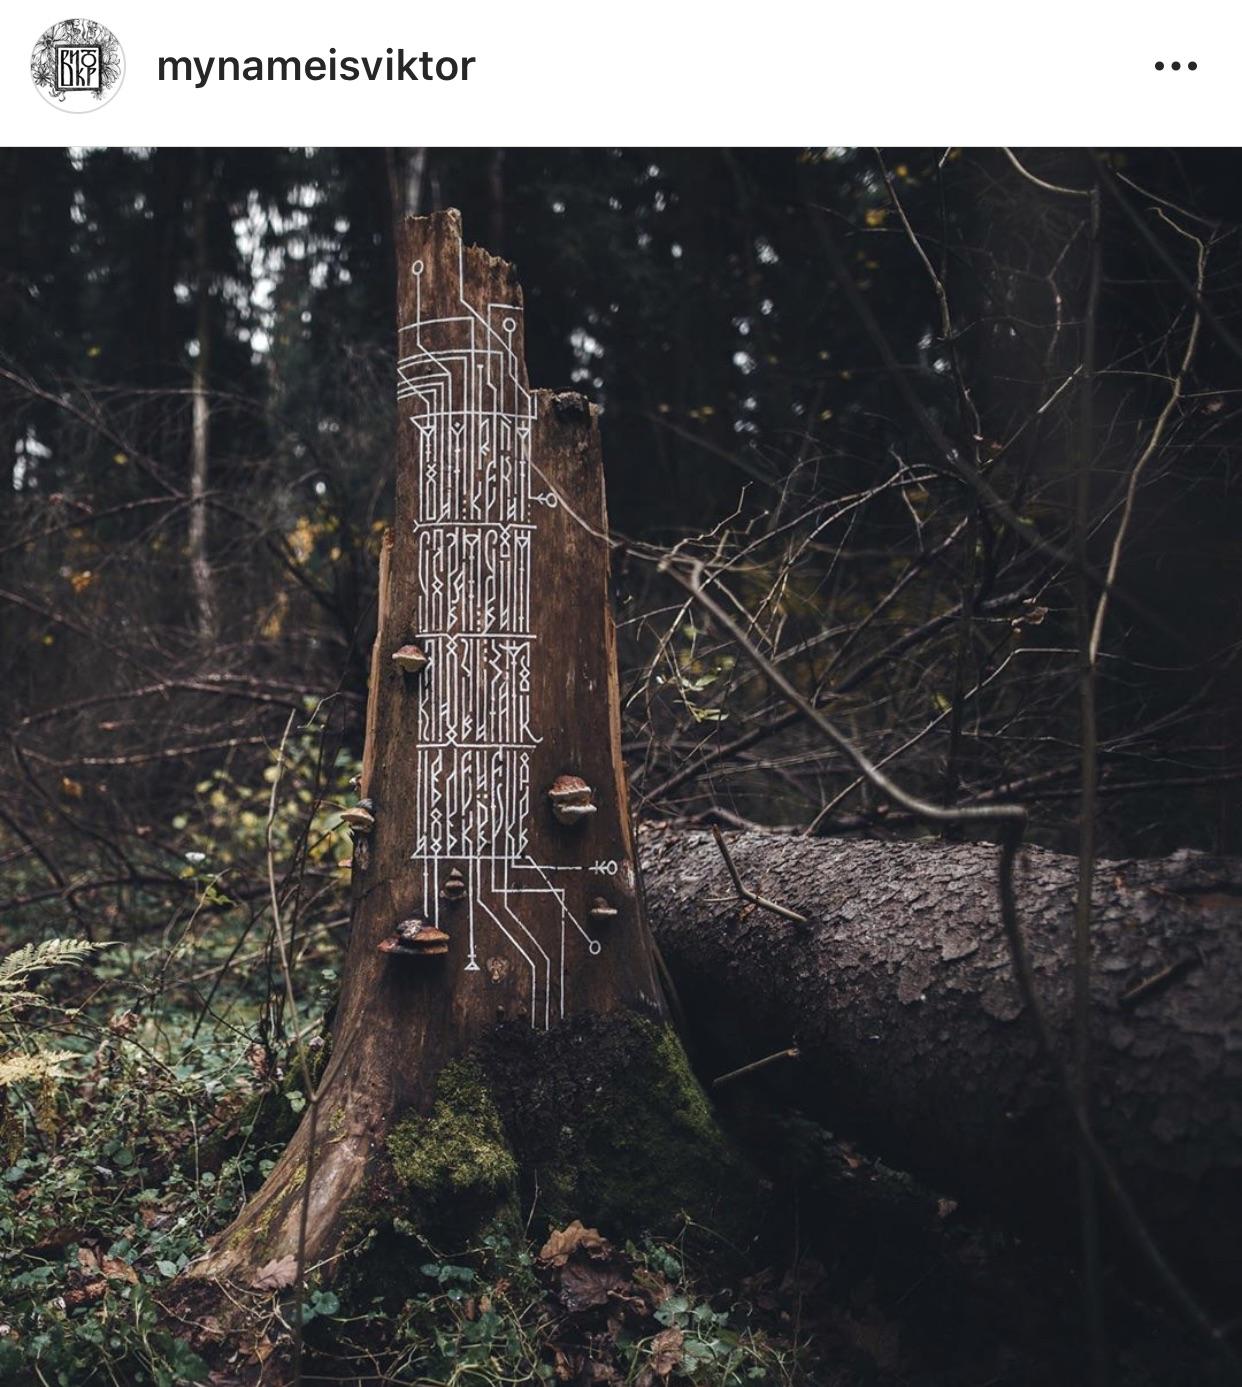 @mynameisviktor - Виктор Пушкарев. Исследует славянскую и скандинавскую каллиграфию. Завораживает его проект - буквы на стволах деревьев.